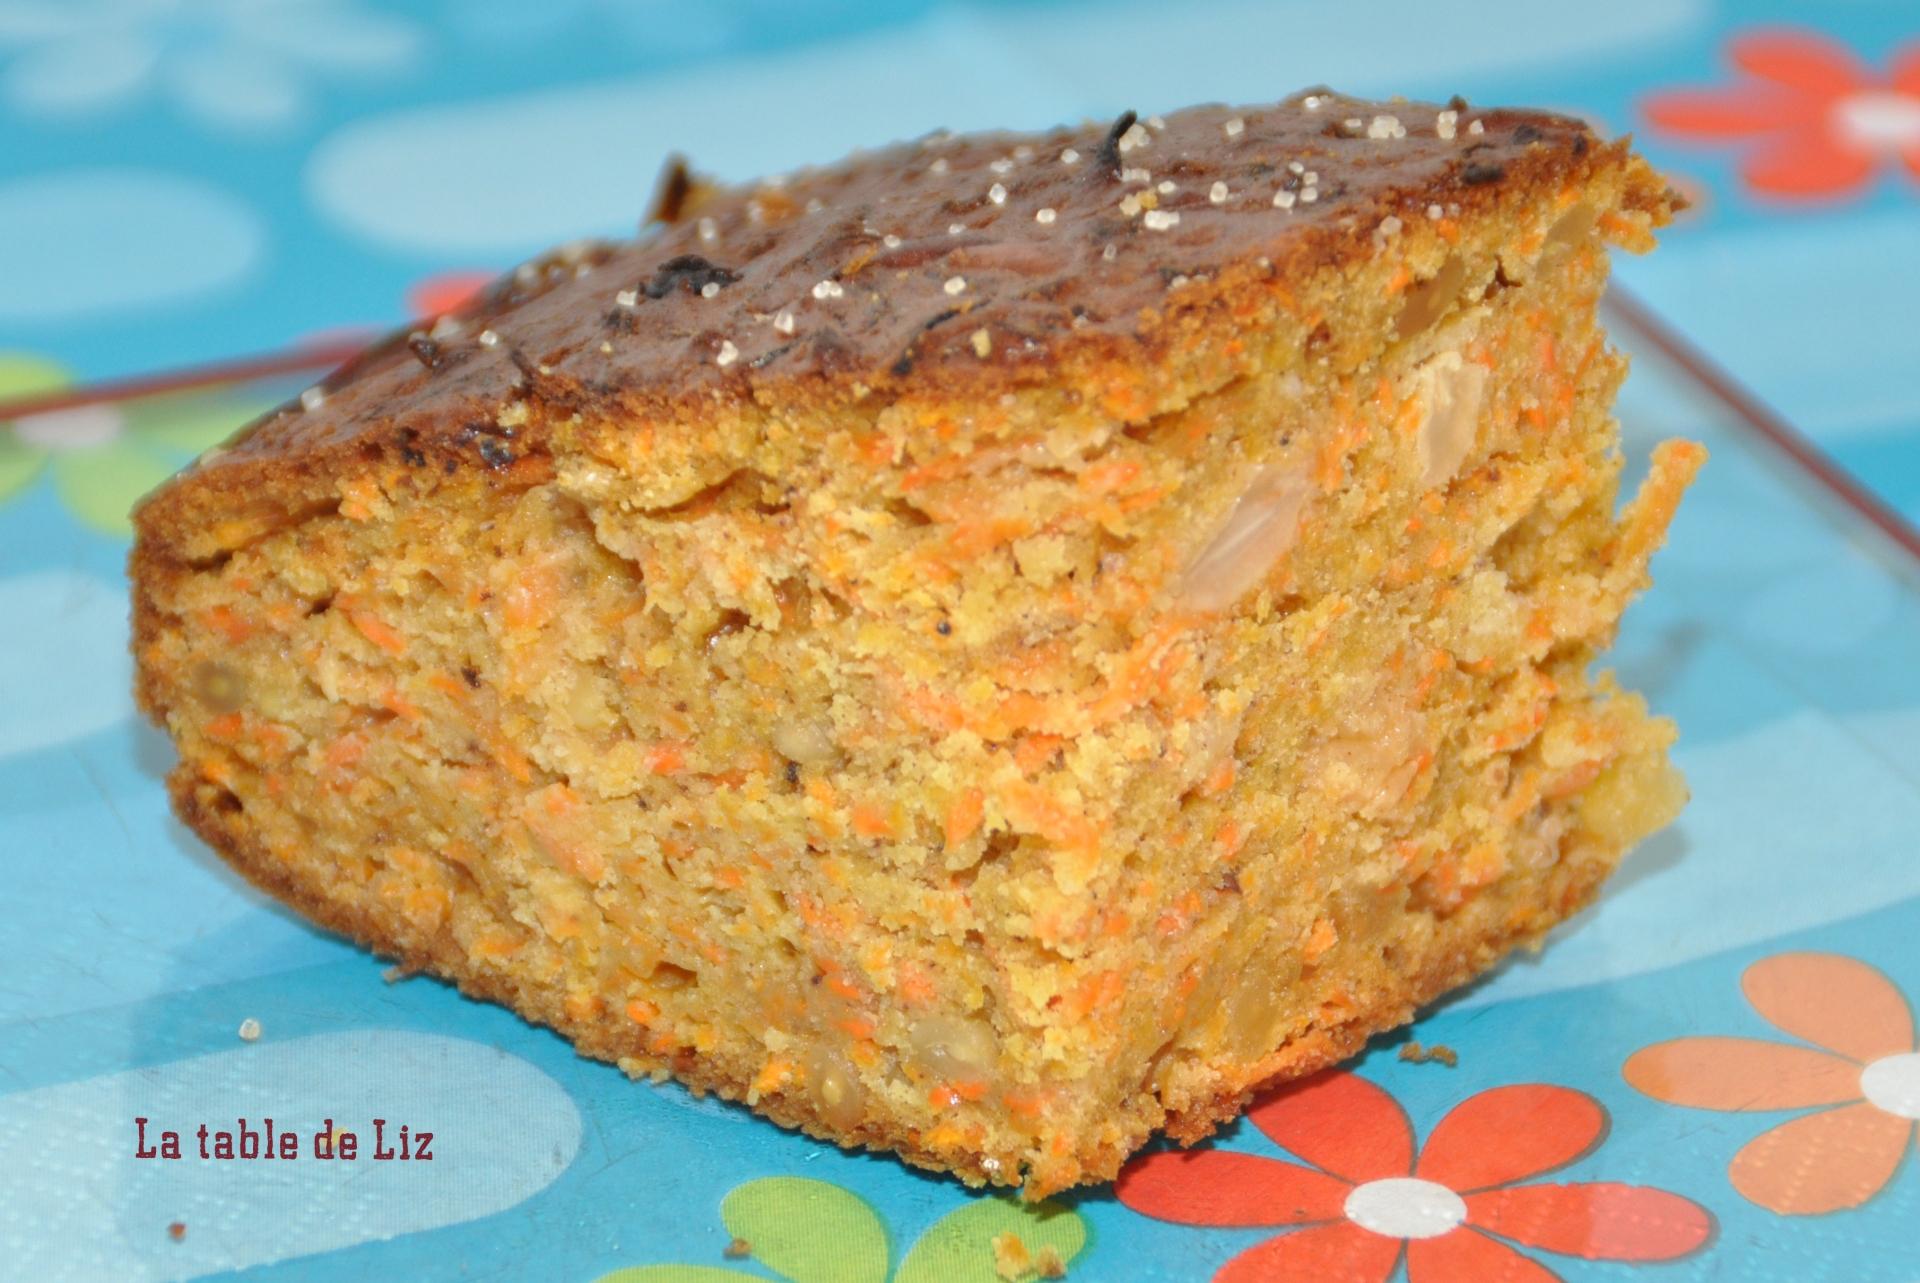 Carrot cake La-table-de-Liz